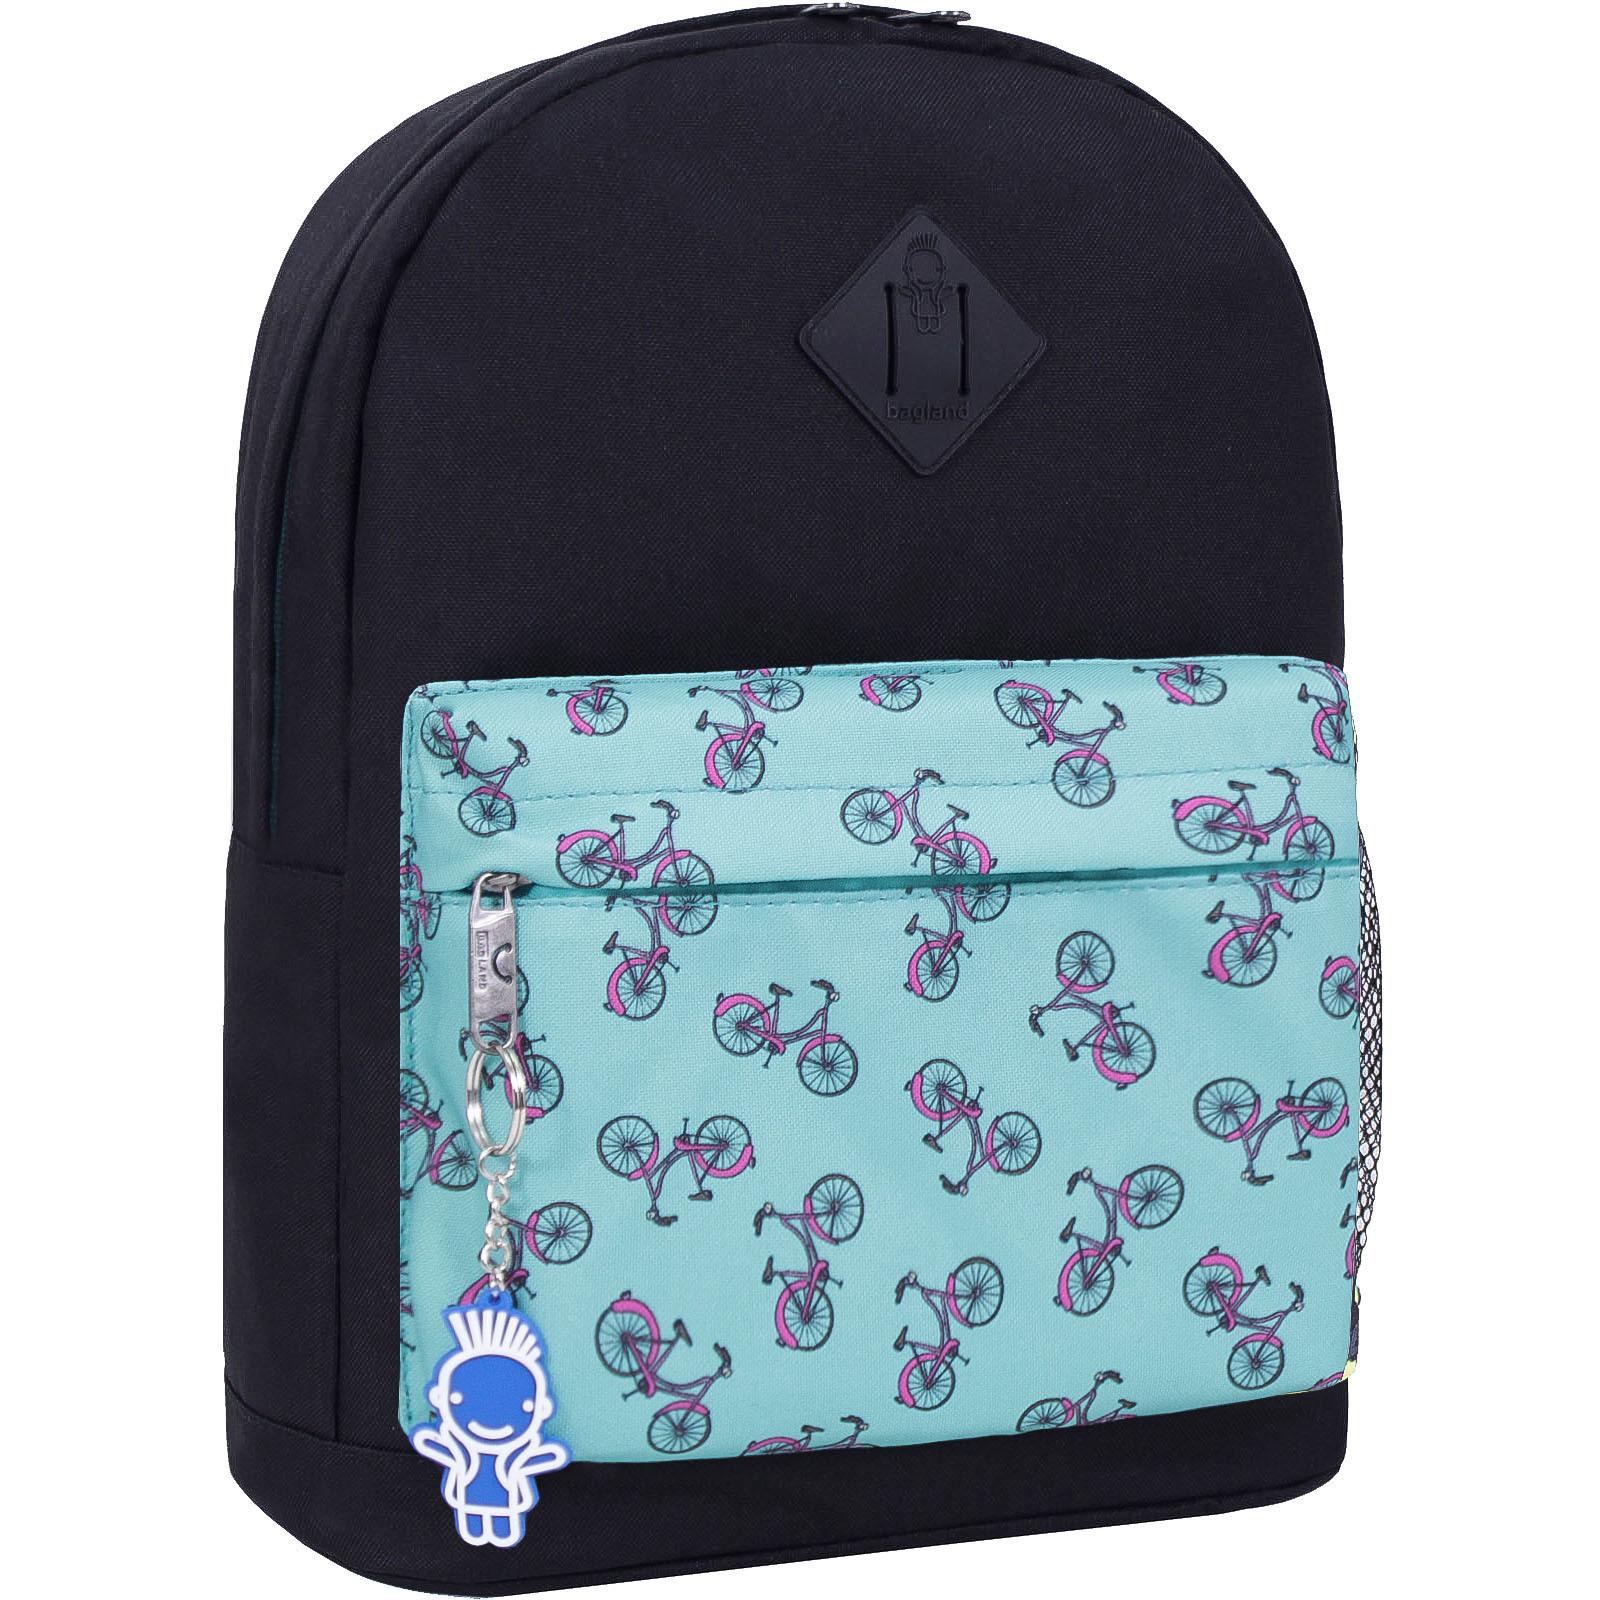 Городские рюкзаки Рюкзак Bagland Молодежный W/R 17 л. черный 446 (00533662) IMG_2553_446_-1600.jpg